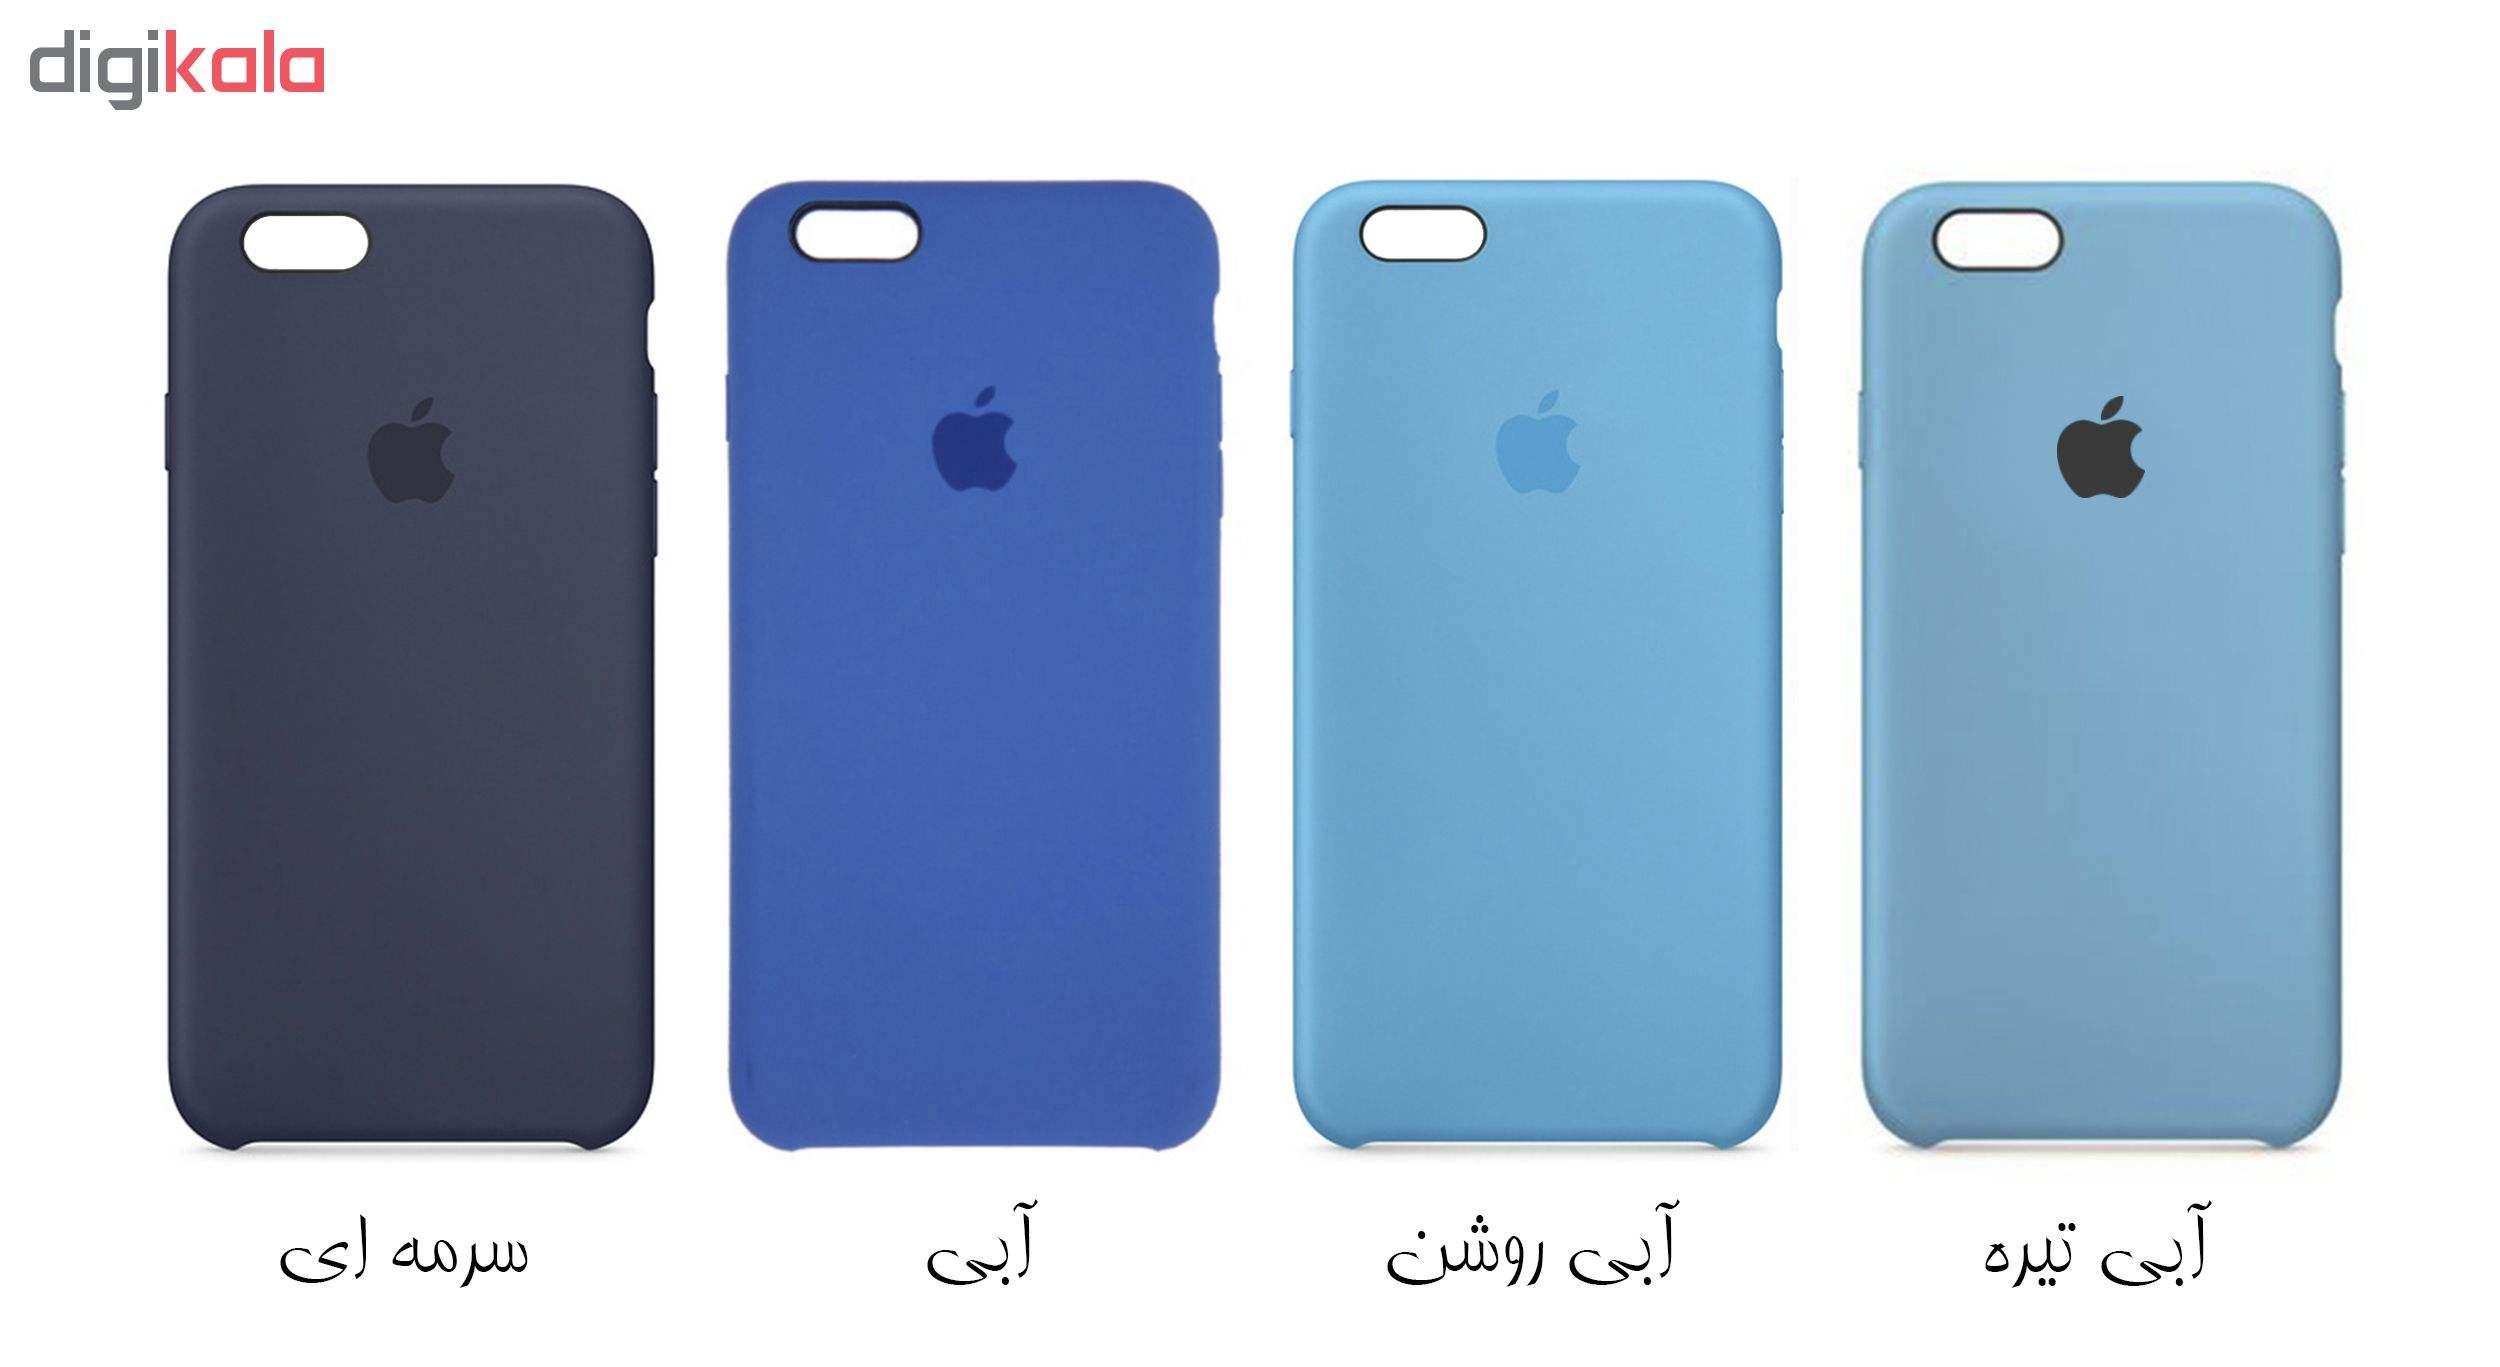 کاور مدل SlC مناسب برای گوشی موبایل آیفون 6/6s thumb 11